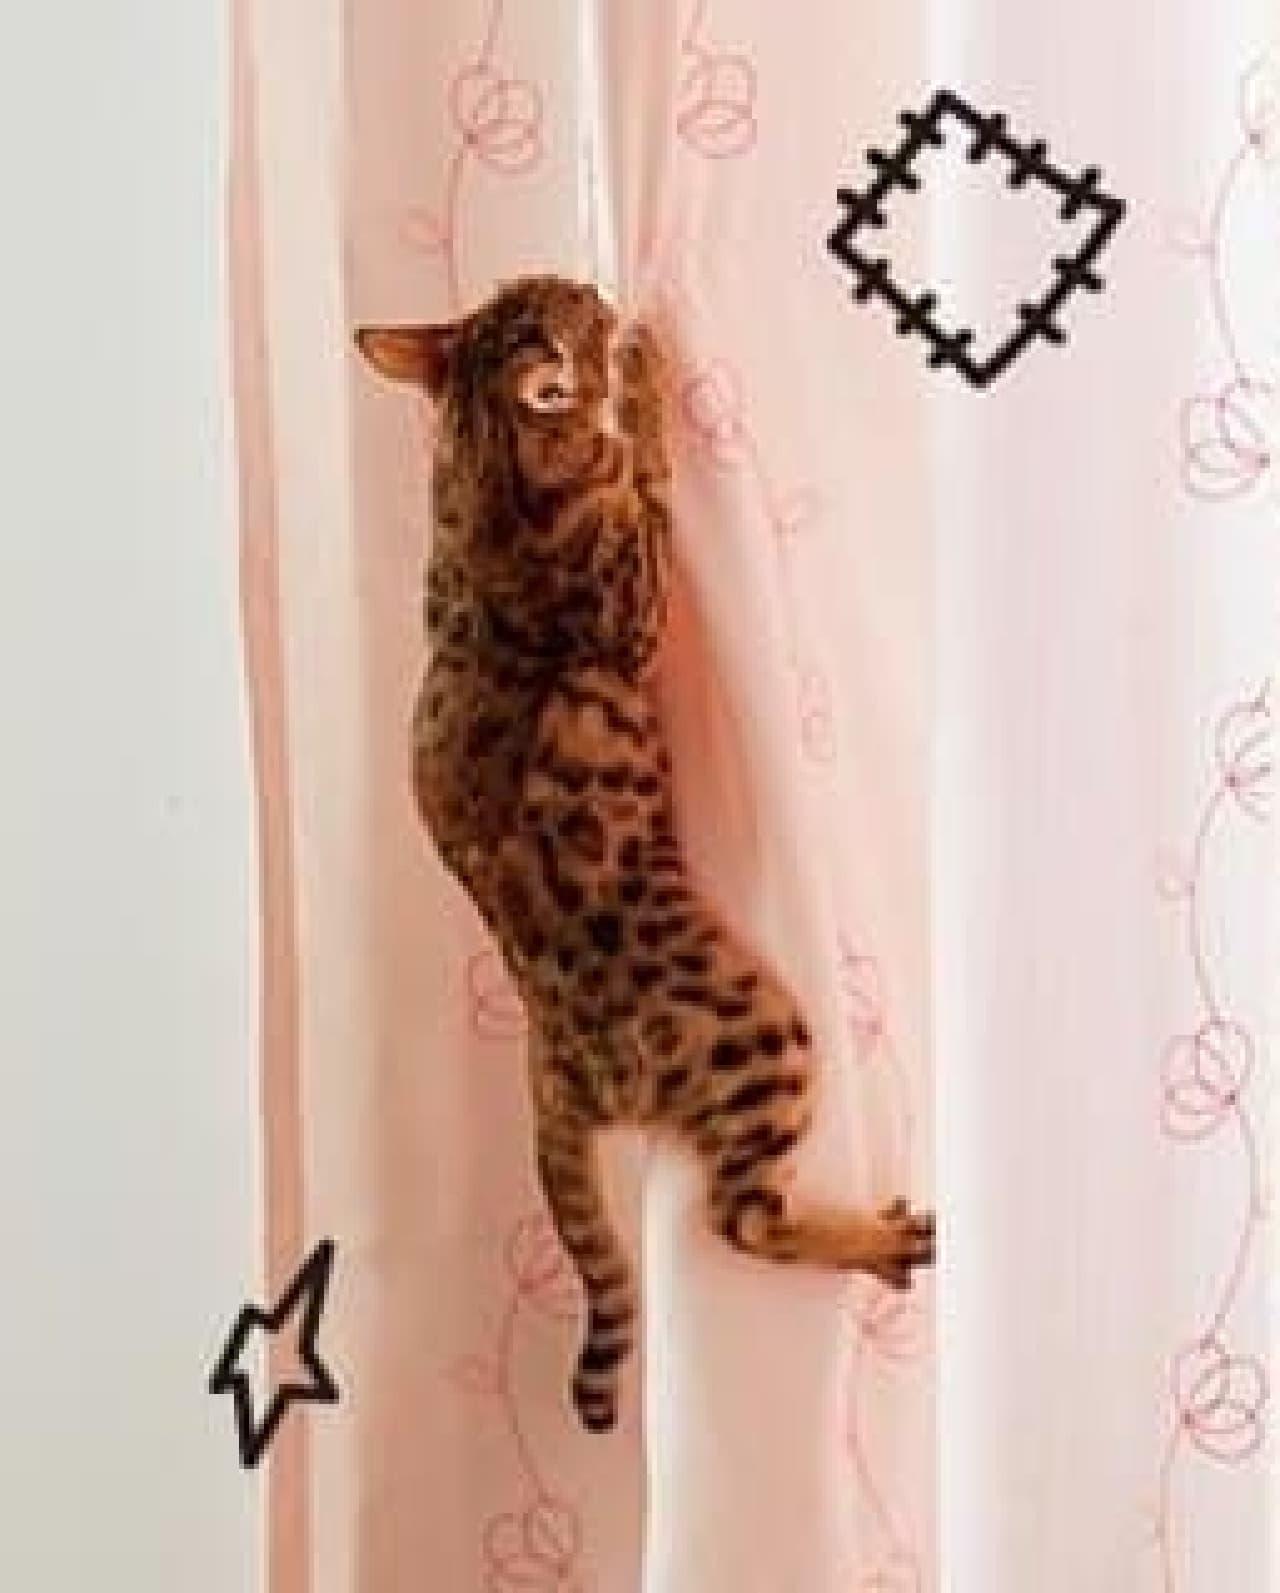 もうカーテンには登らにゃい